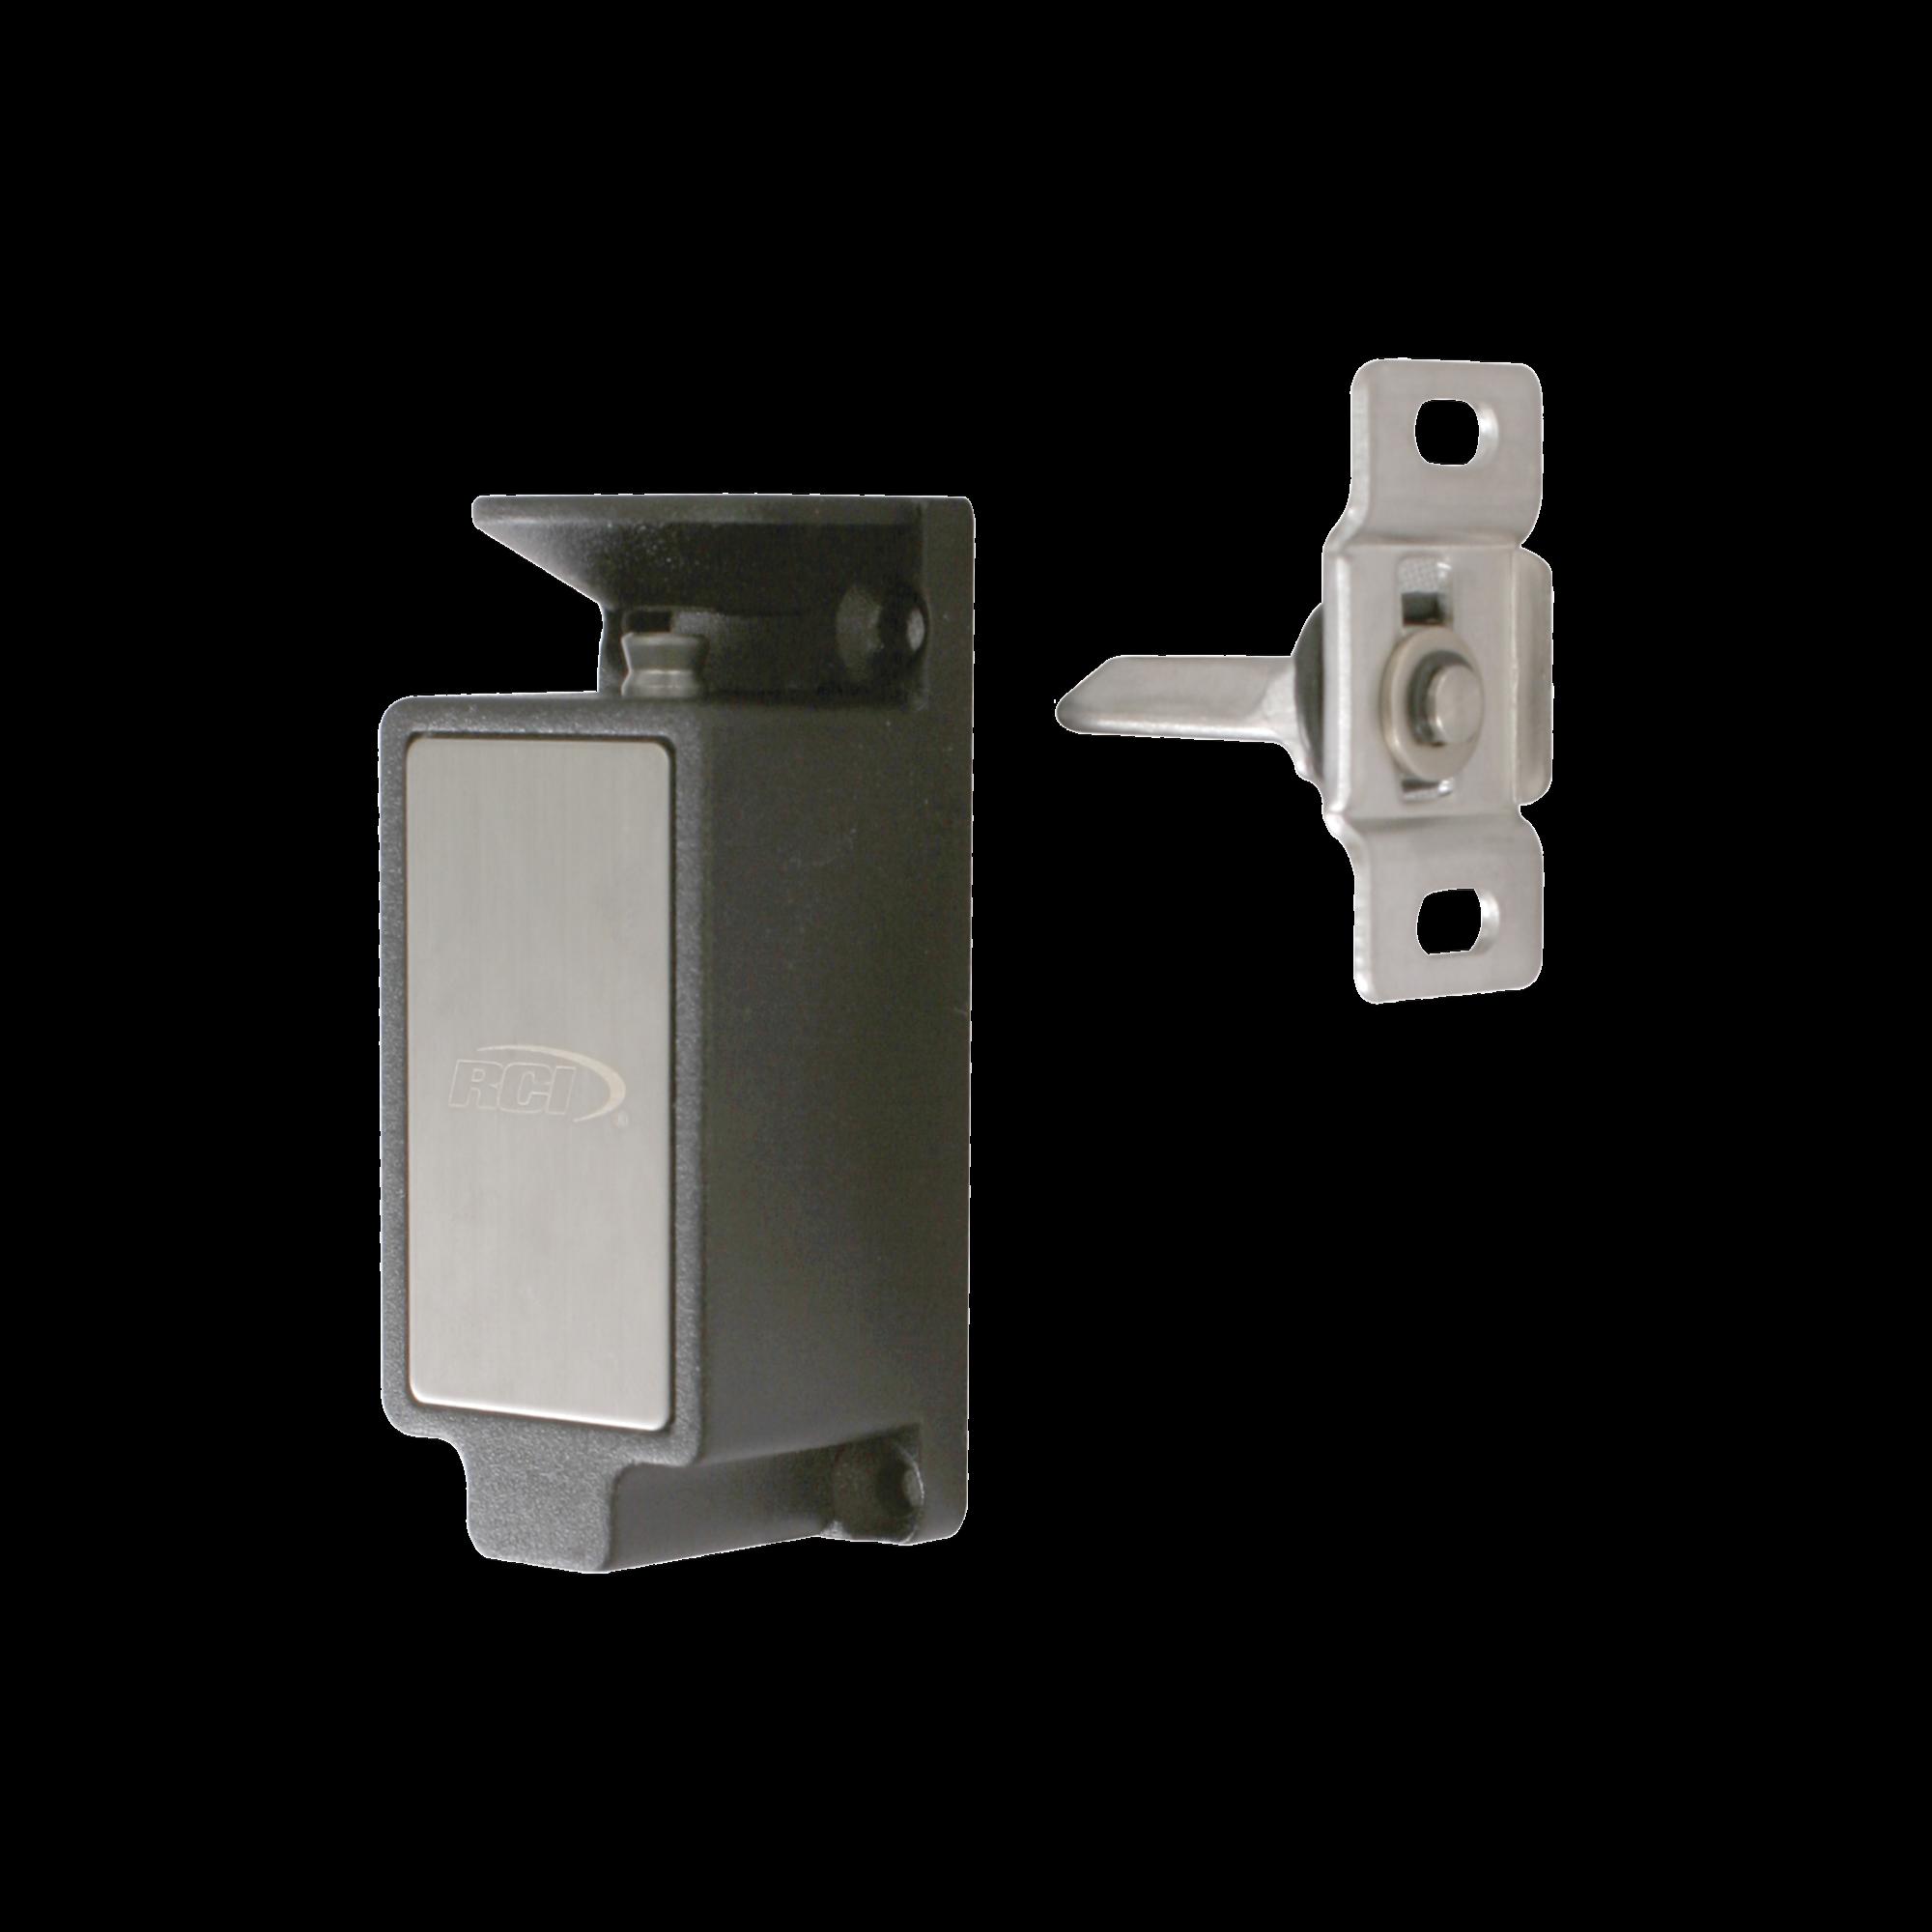 Cerradura especializada para GABINETES / Abierta o Cerrada en Caso de Falla/ 3 Años Garantia/ Sensor de Puerta